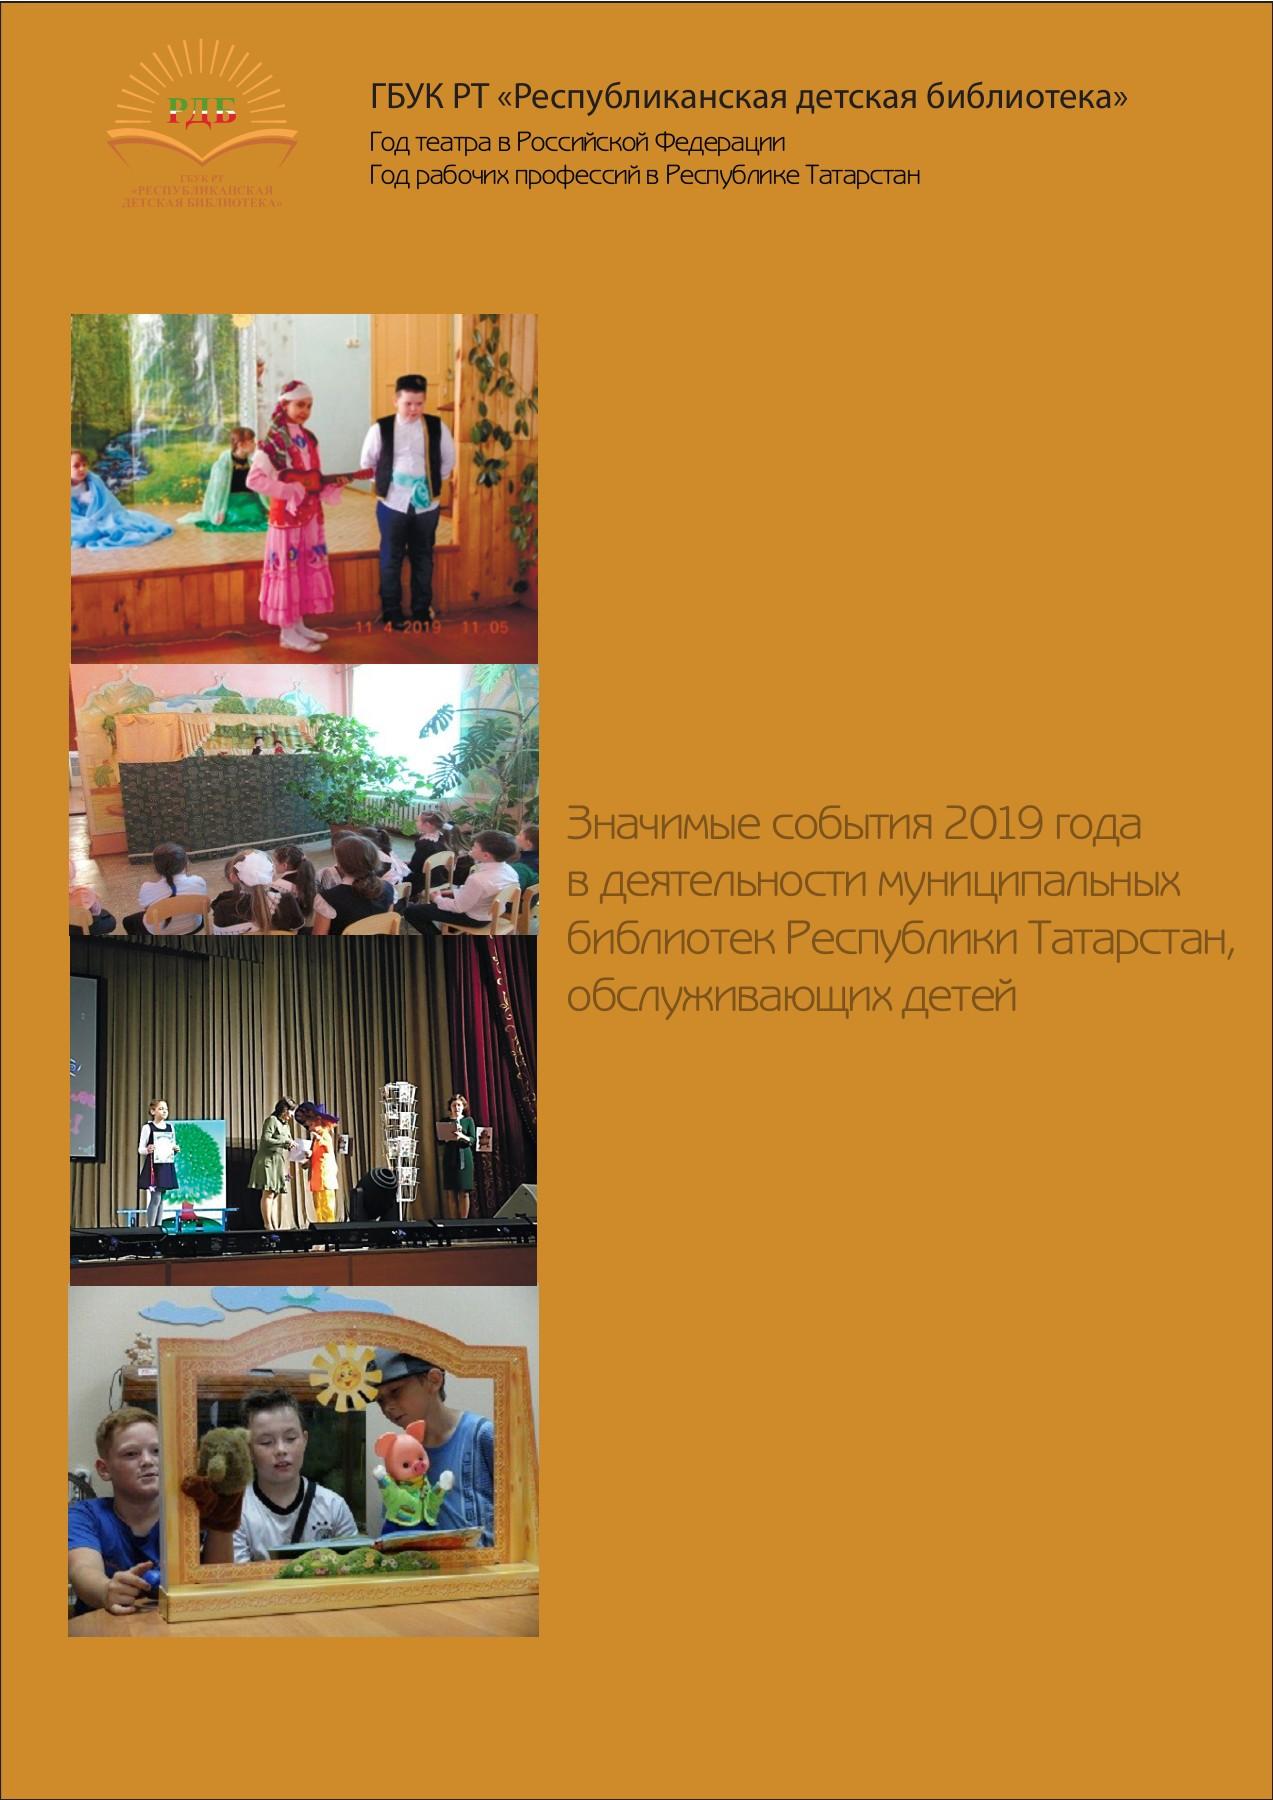 Что такое чудо: определение, чудеса православия, фото, православные чудеса последнего времени в храмах ? православный клуб